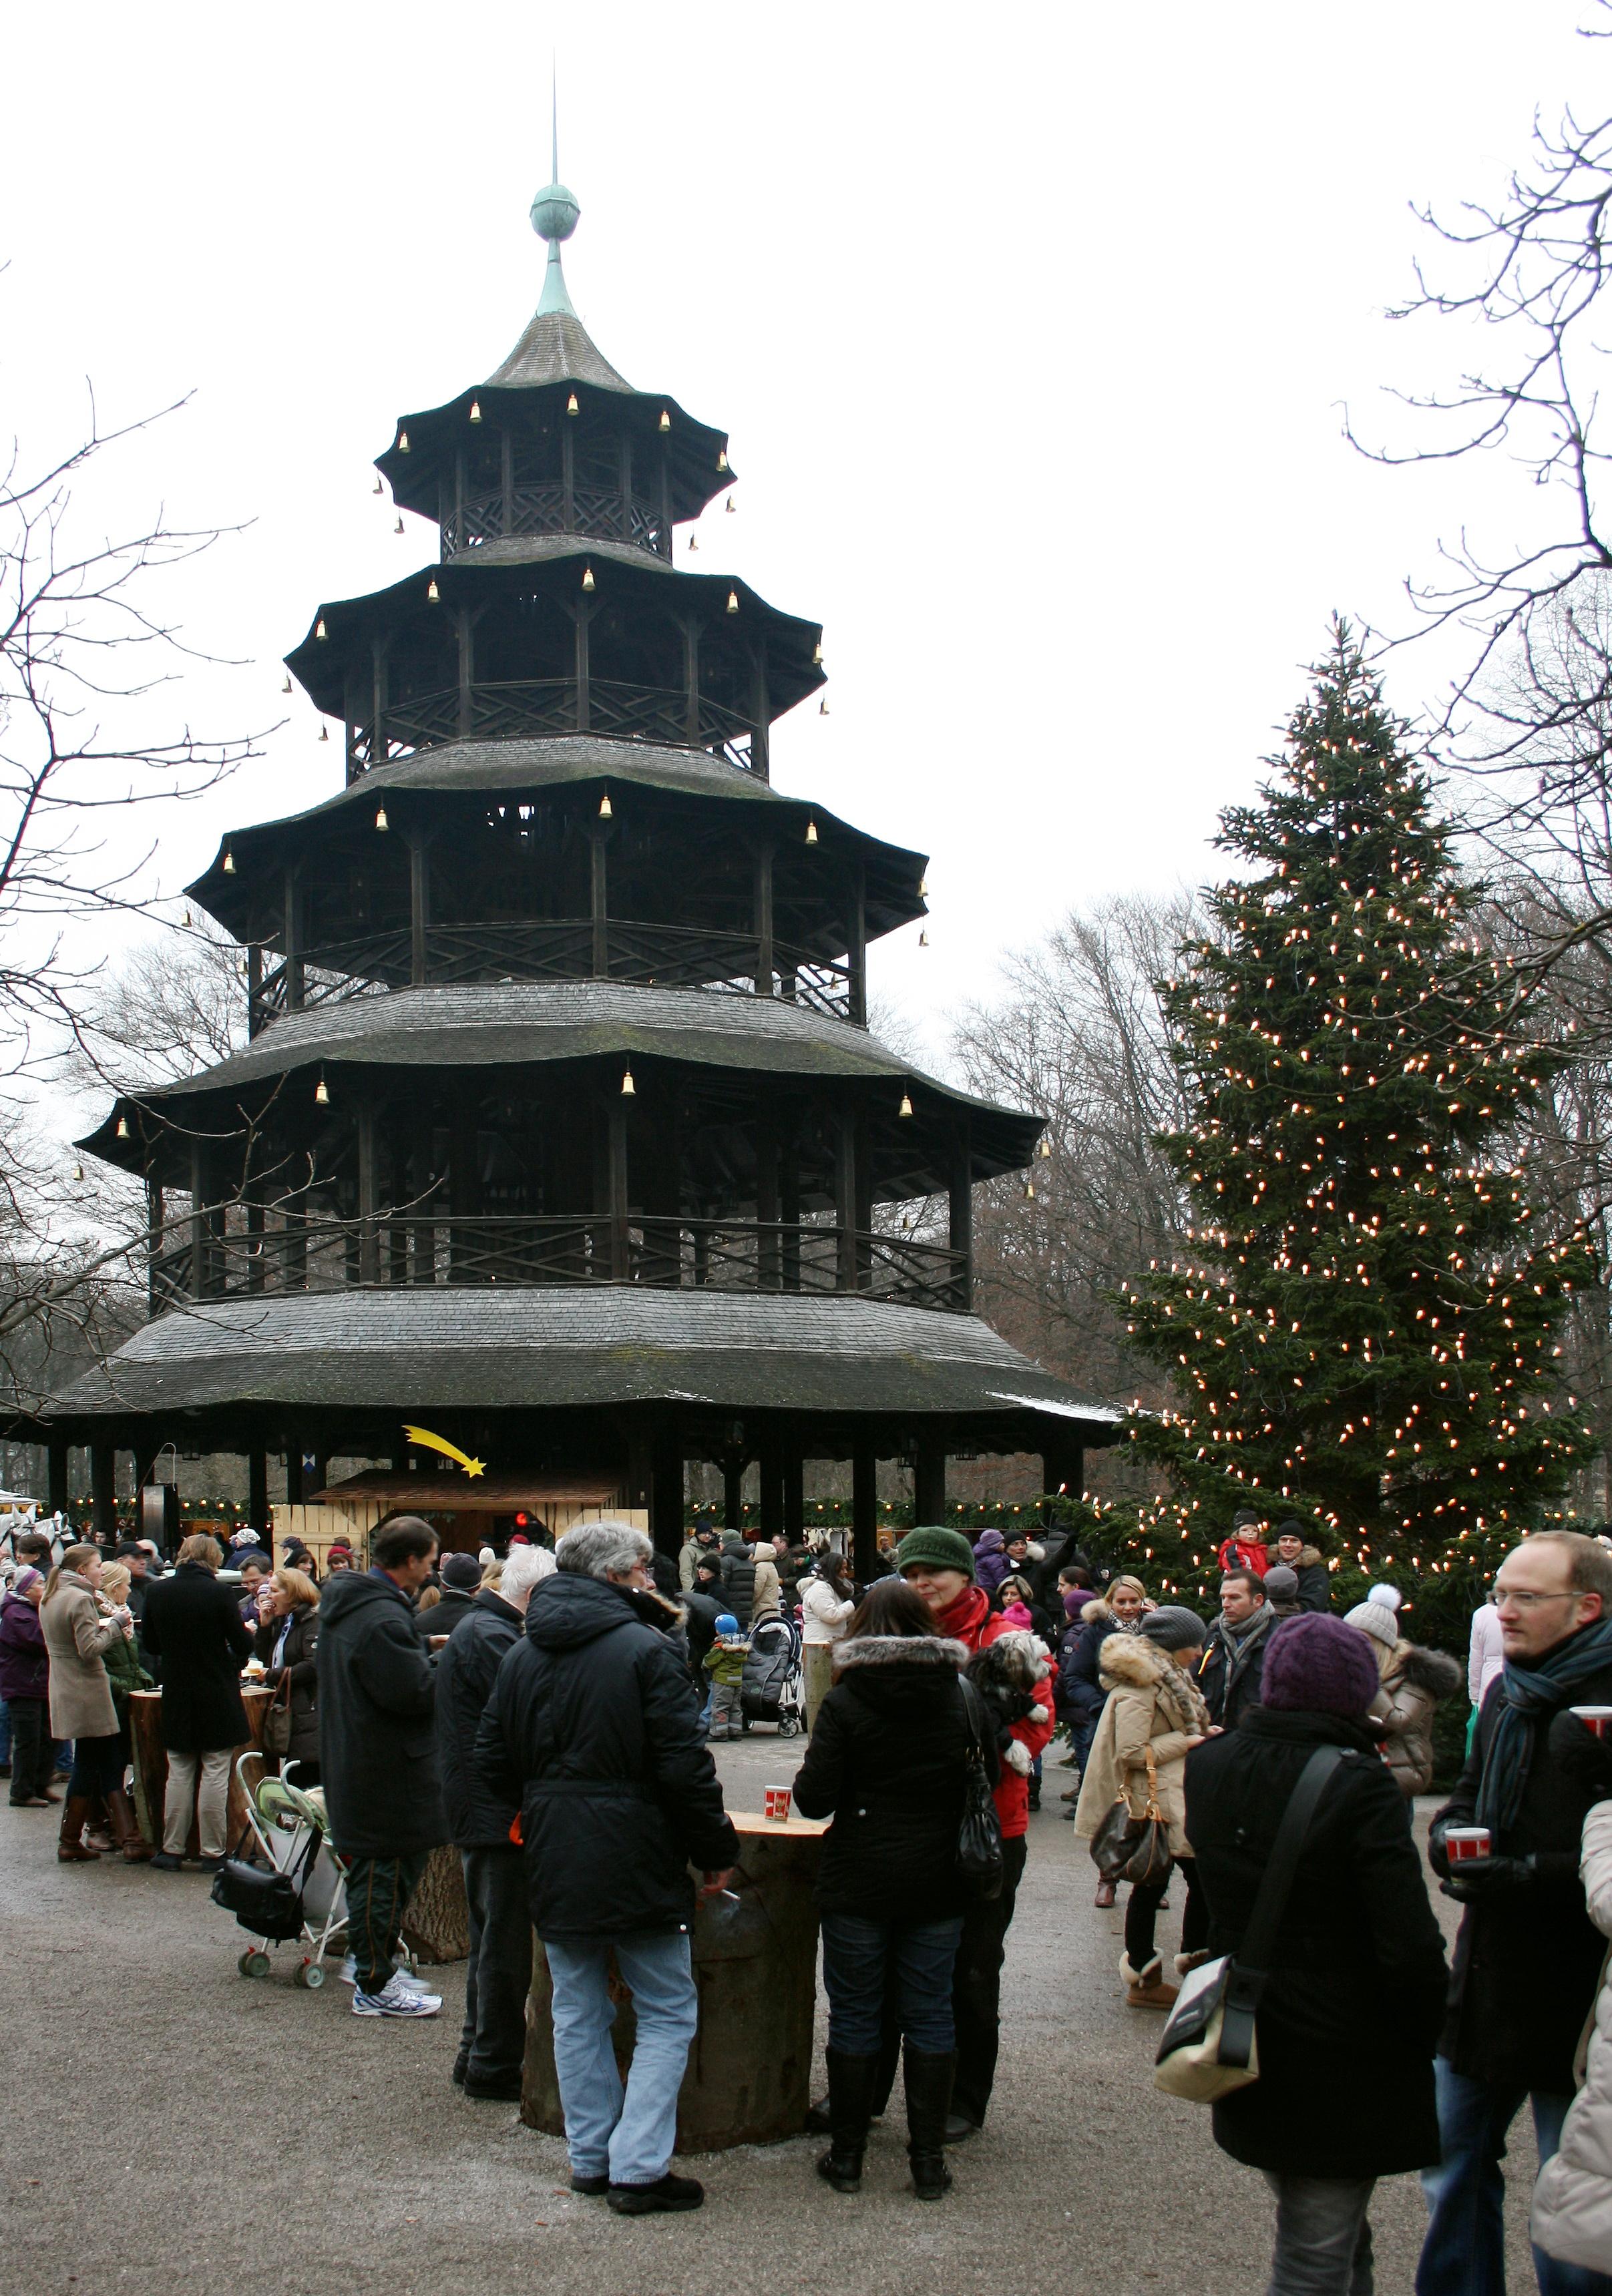 Weihnachtsmarkt Am Chinesischen Turm.File Chinesischer Turm Englischer Garten Muenchen Weihnachtsmarkt